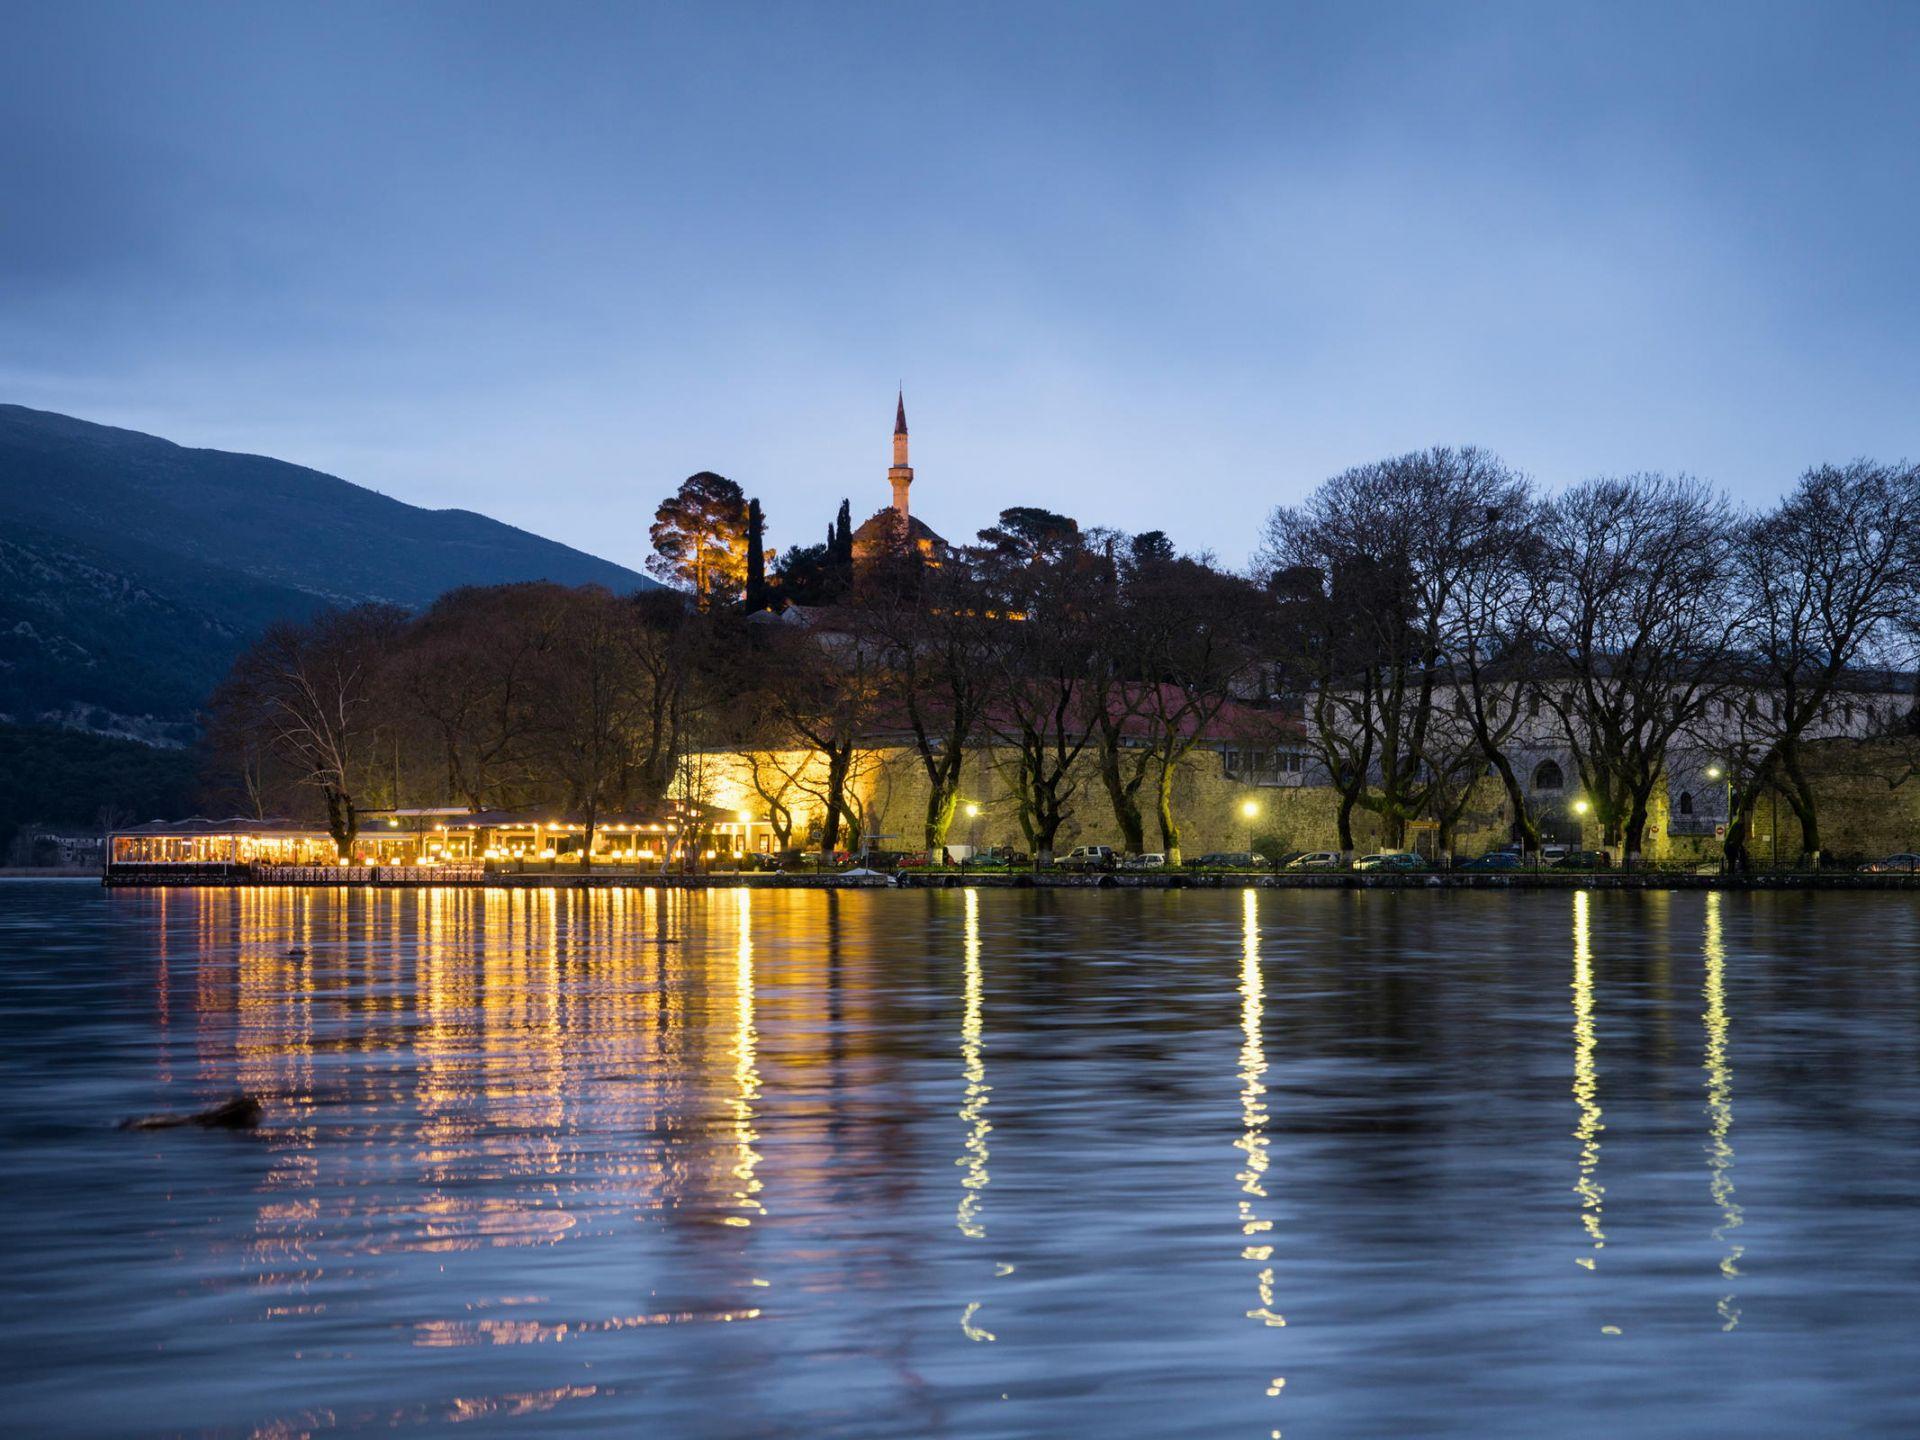 Τα Ιωάννινα είναι η πρωτεύουσα του νομού και ταυτόχρονα η μεγαλύτερη πόλη της Ηπείρου. Χτισμένη στην όχθη της λίμνης Παμβώτιδας, μαγεύει με την ομορφιά της και τη ζεστή της ατμόσφαιρα. Τα πανέμορφα και ξακουστά Ζαγοροχώρια είναι ένα δίκτυο από 46 χωριά διασκορπισμένα πάνω στα βουνά βορειοανατολικά των Ιωαννίνων. Το Μέτσοβο είναι ένας παραδοσιακός οικισμός, βρίσκεται στο ανατολικό άκρο του νομού Ιωαννίνων, ανάμεσα στα βουνά της μεγαλύτερης οροσειράς της Ελλάδος, της Πίνδου.